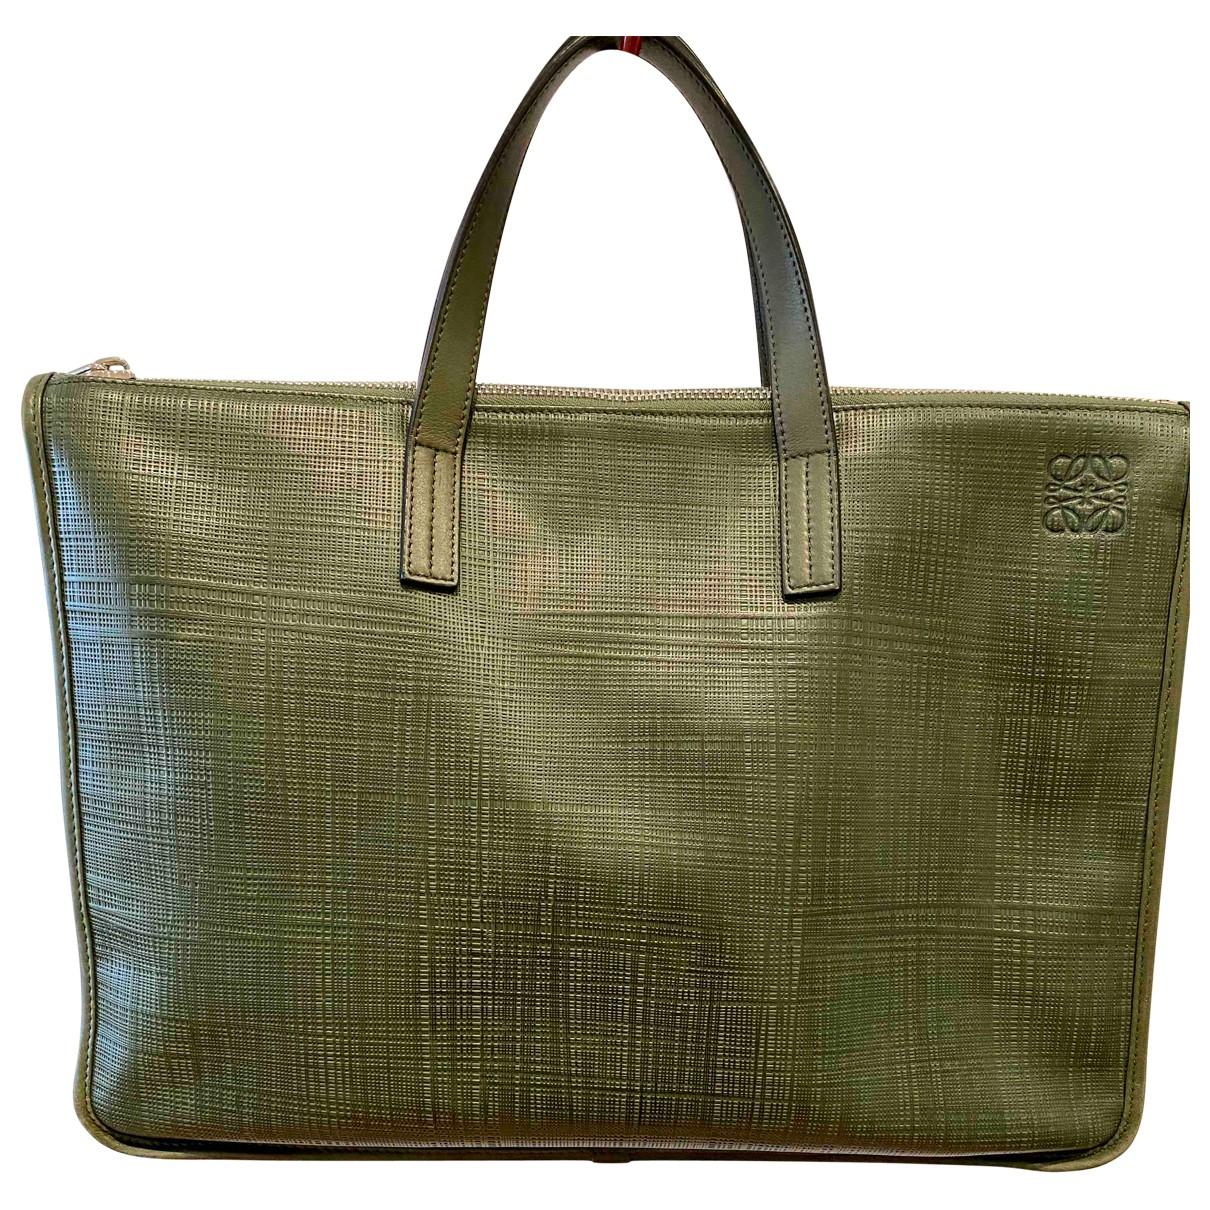 Loewe - Sac Goya pour homme en cuir - vert